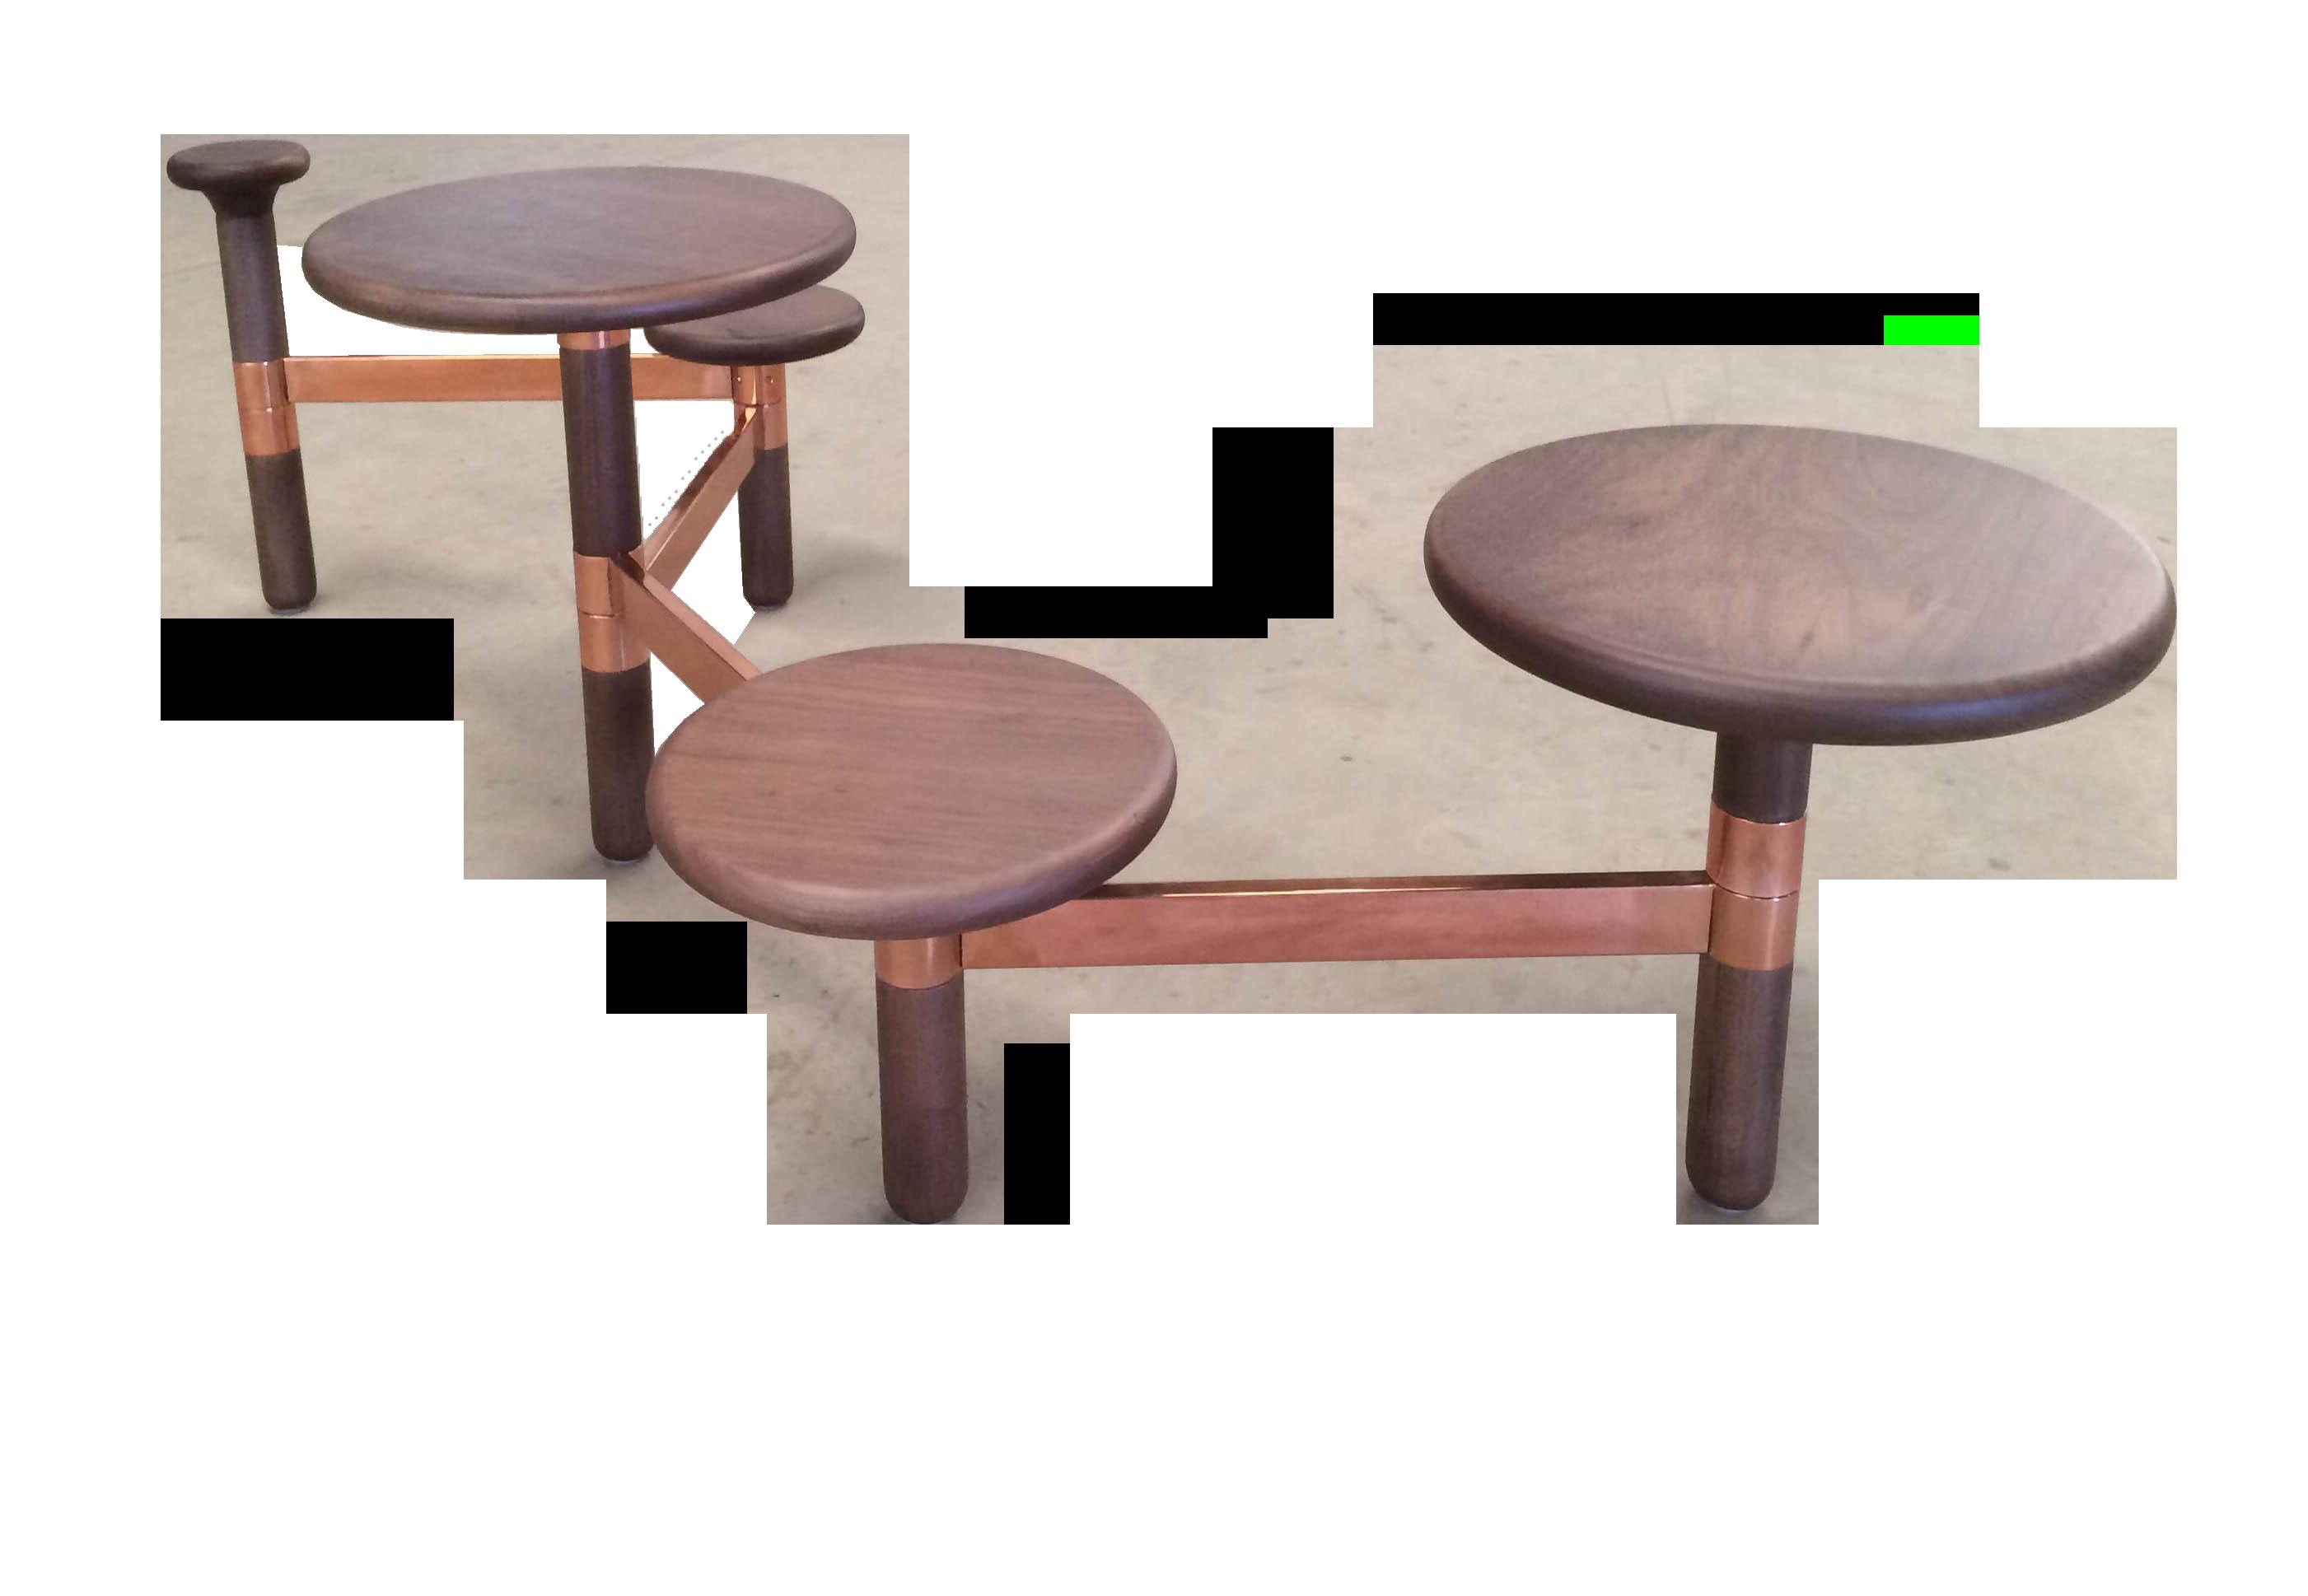 Ciranda table center by Plataforma 4